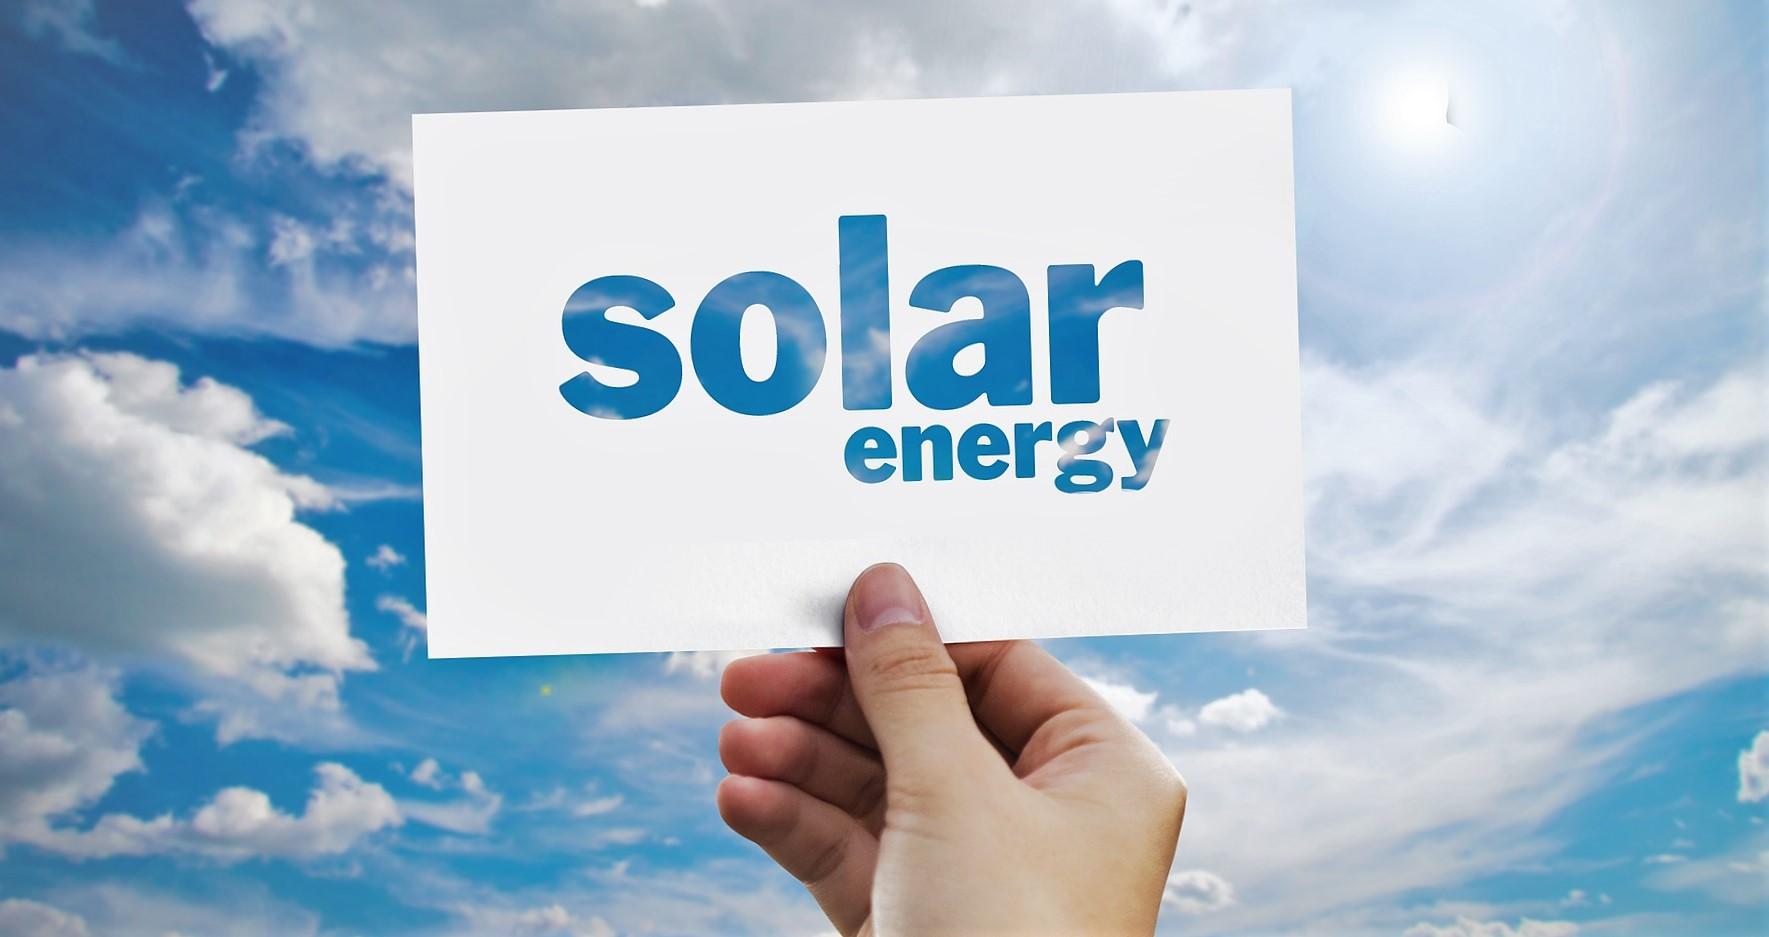 solar,energy,ecology